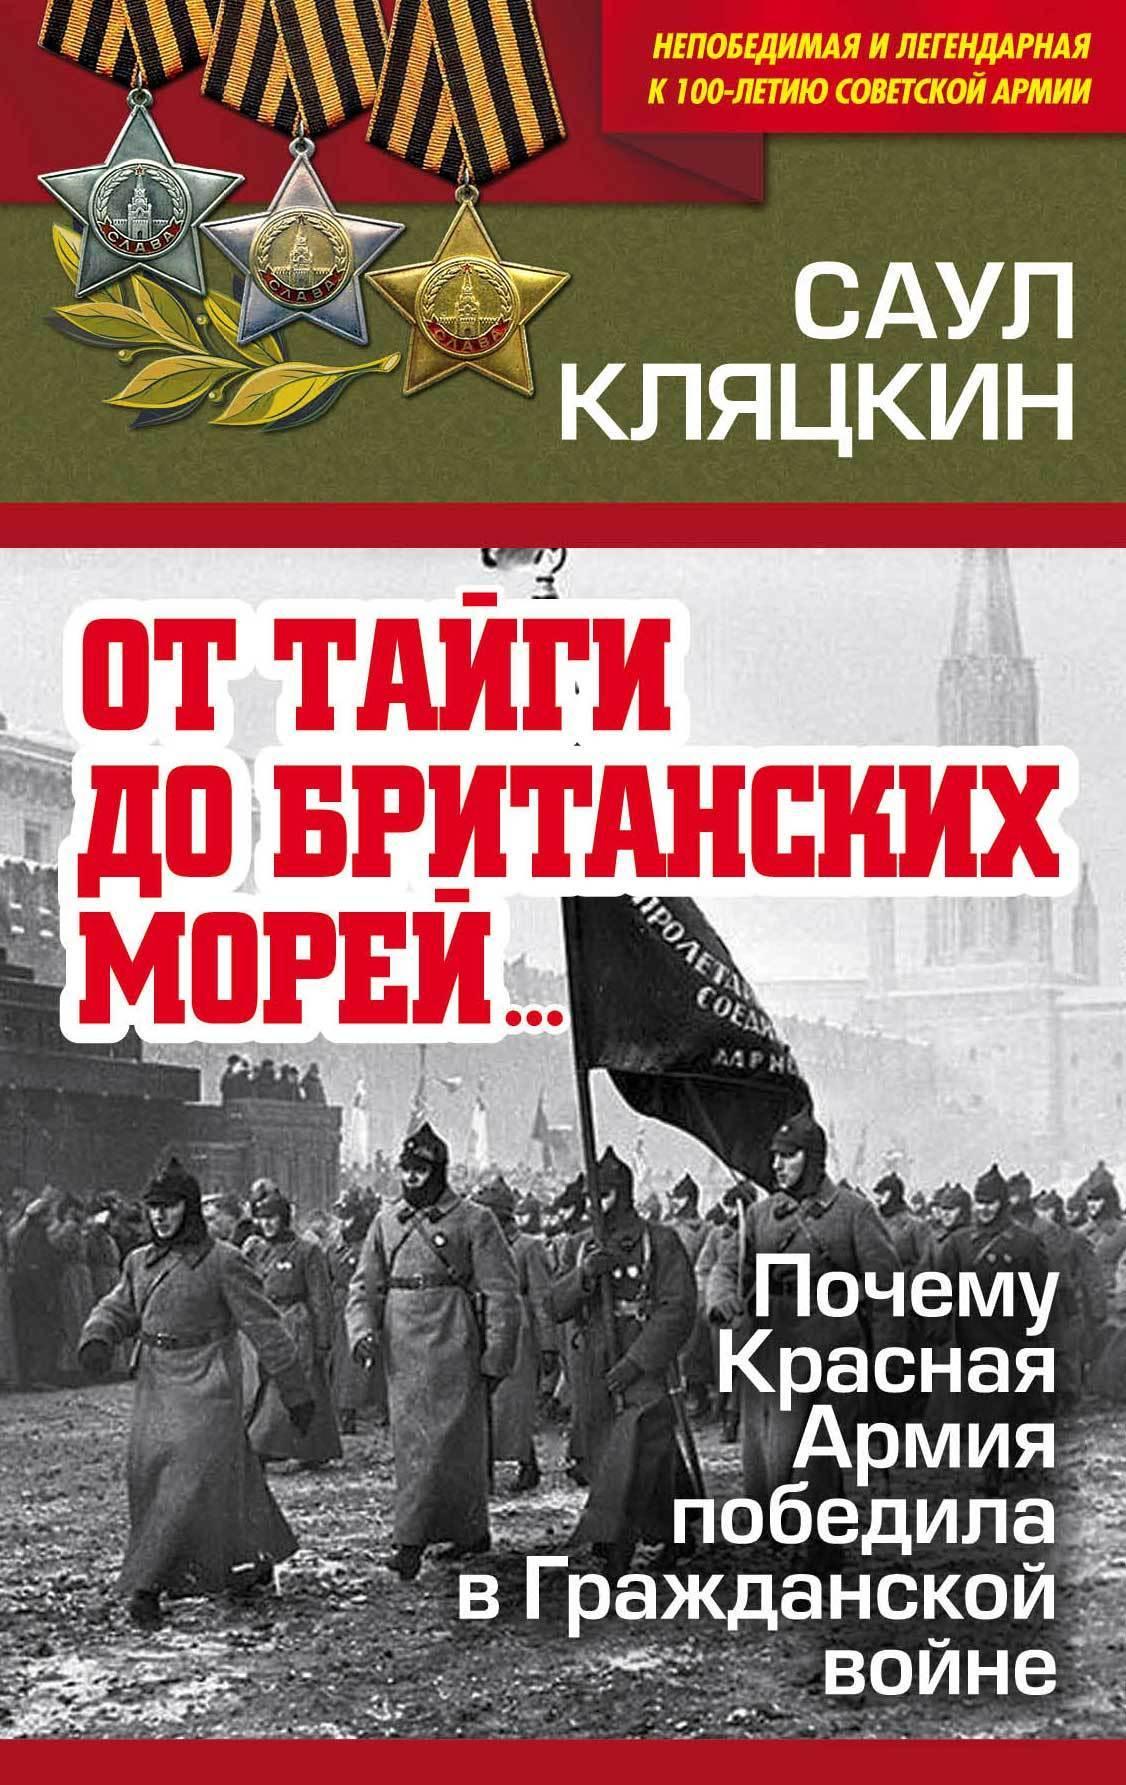 Саул Кляцкин - «От тайги до британских морей…»: Почему Красная Армия победила в Гражданской войне